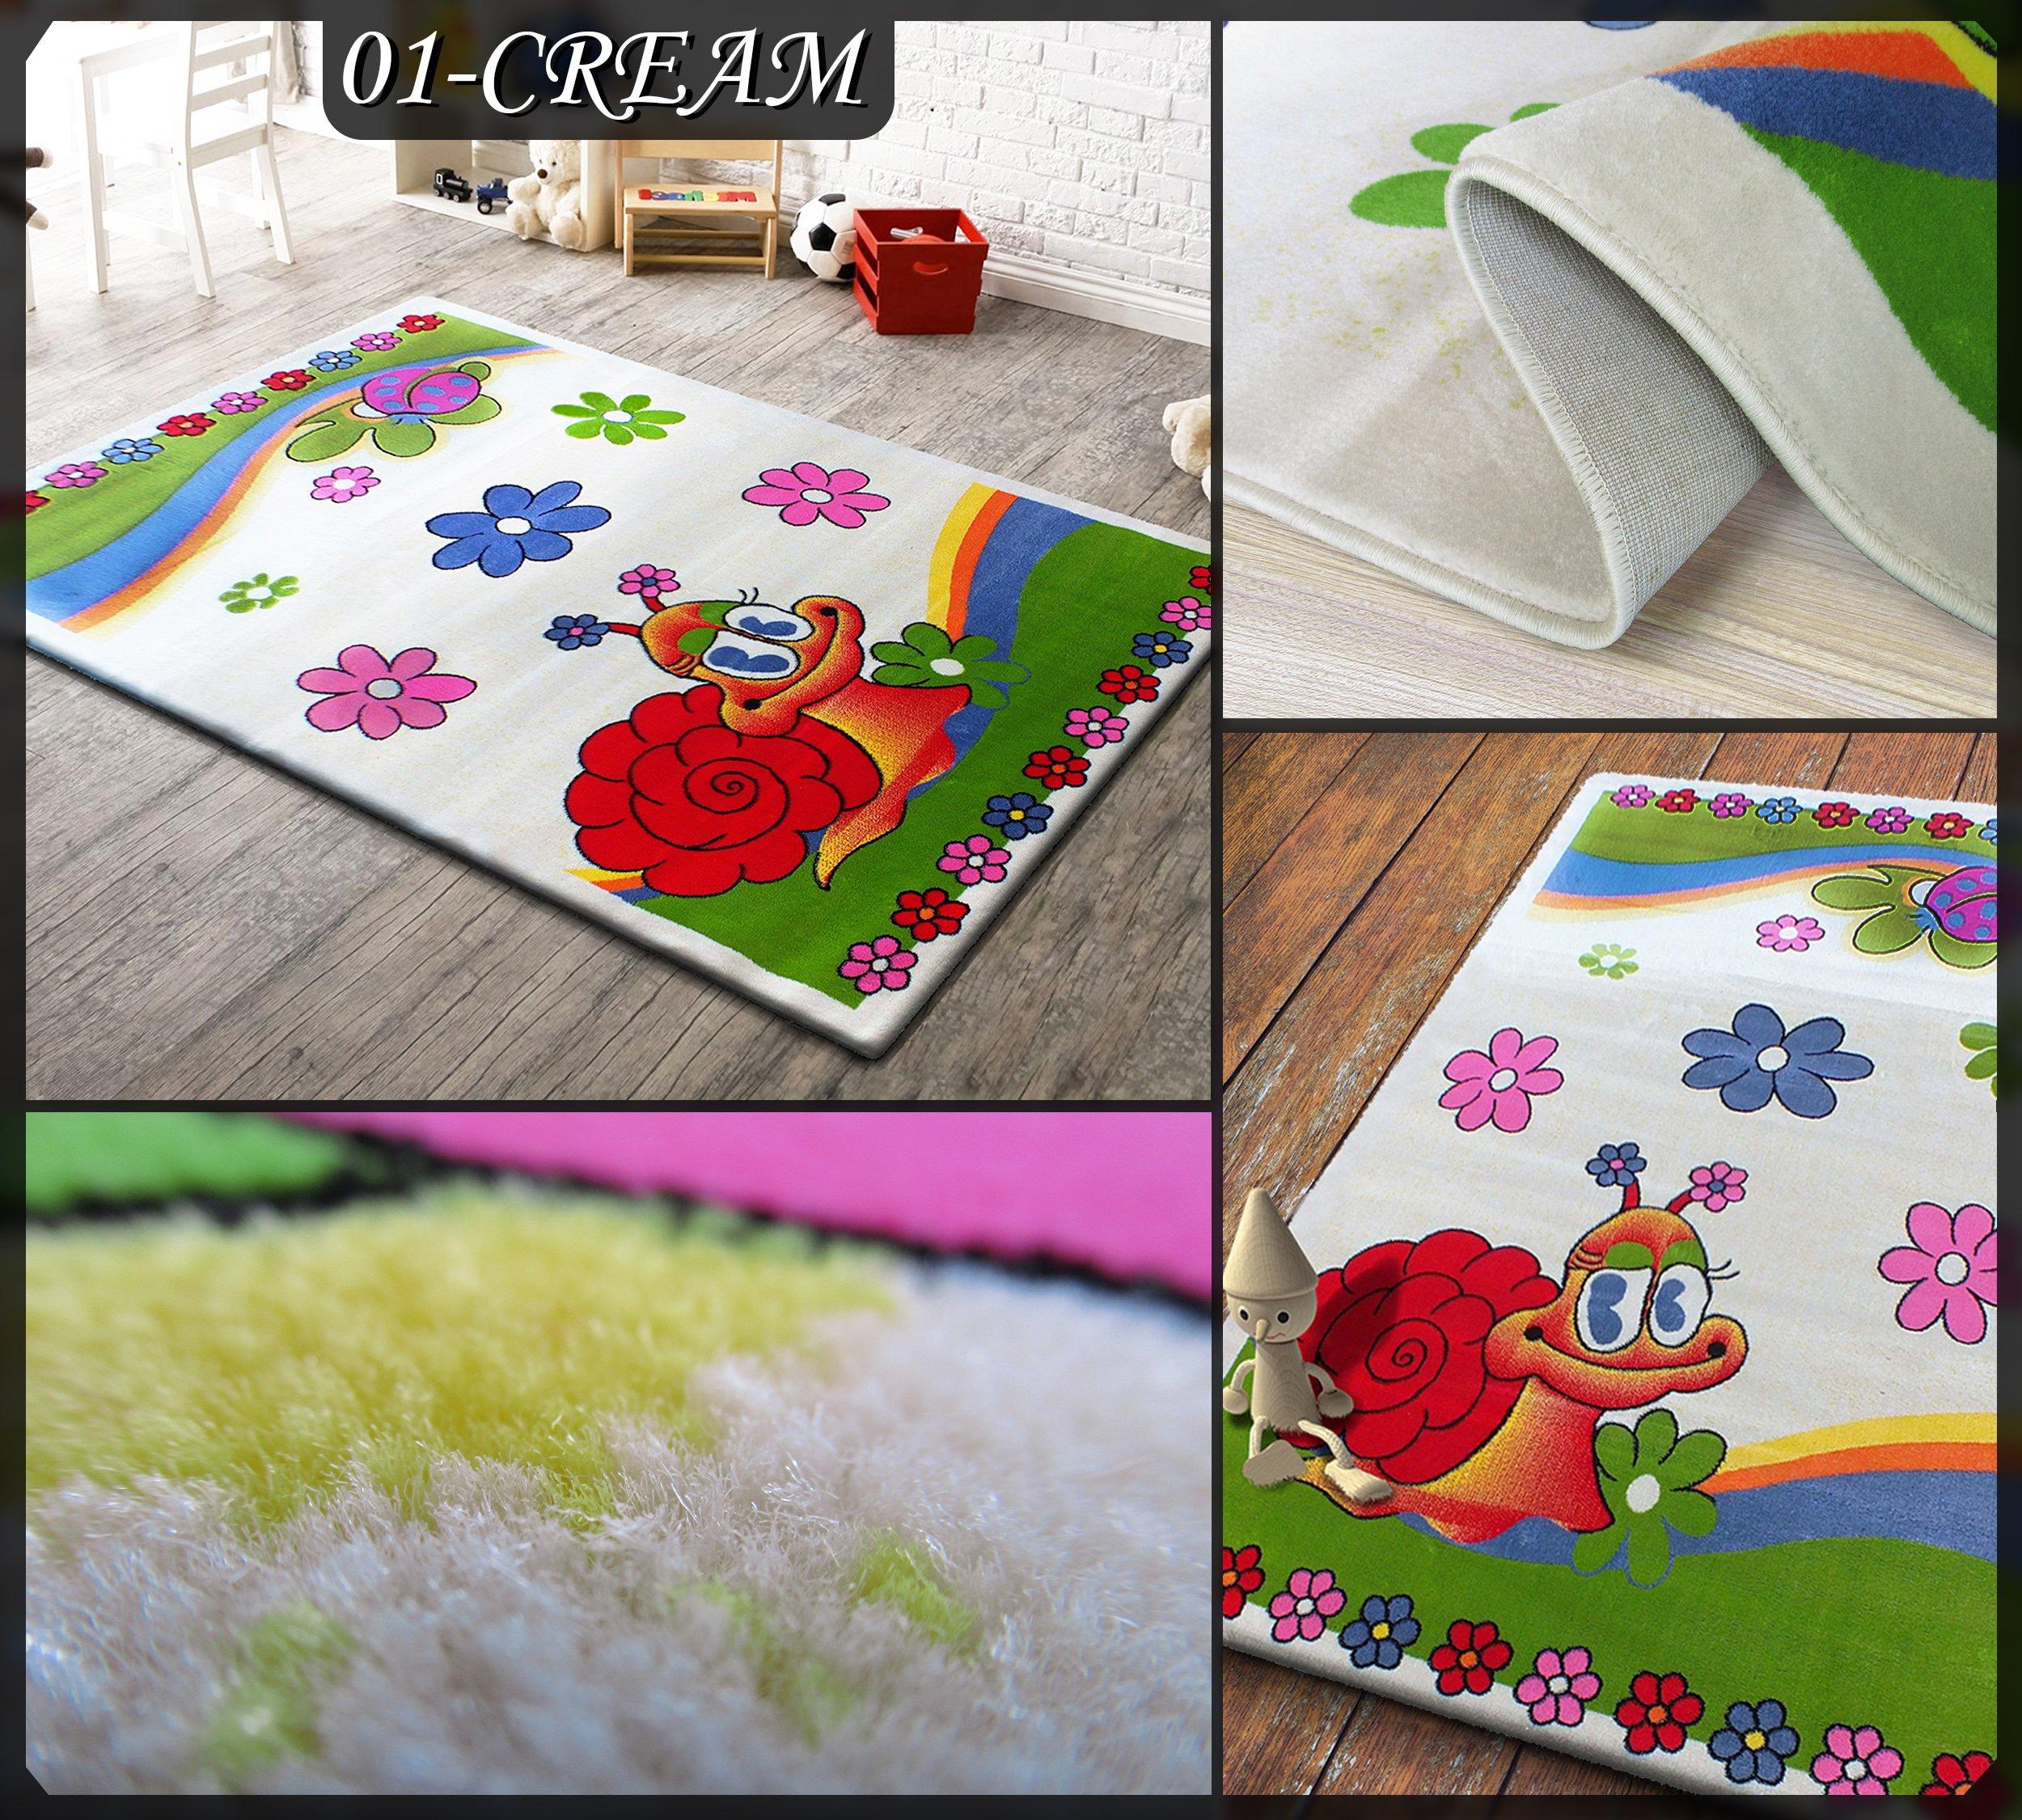 Tanie Dywany dla dzieci 200x300 HIT!! 7294787398 Allegro.pl